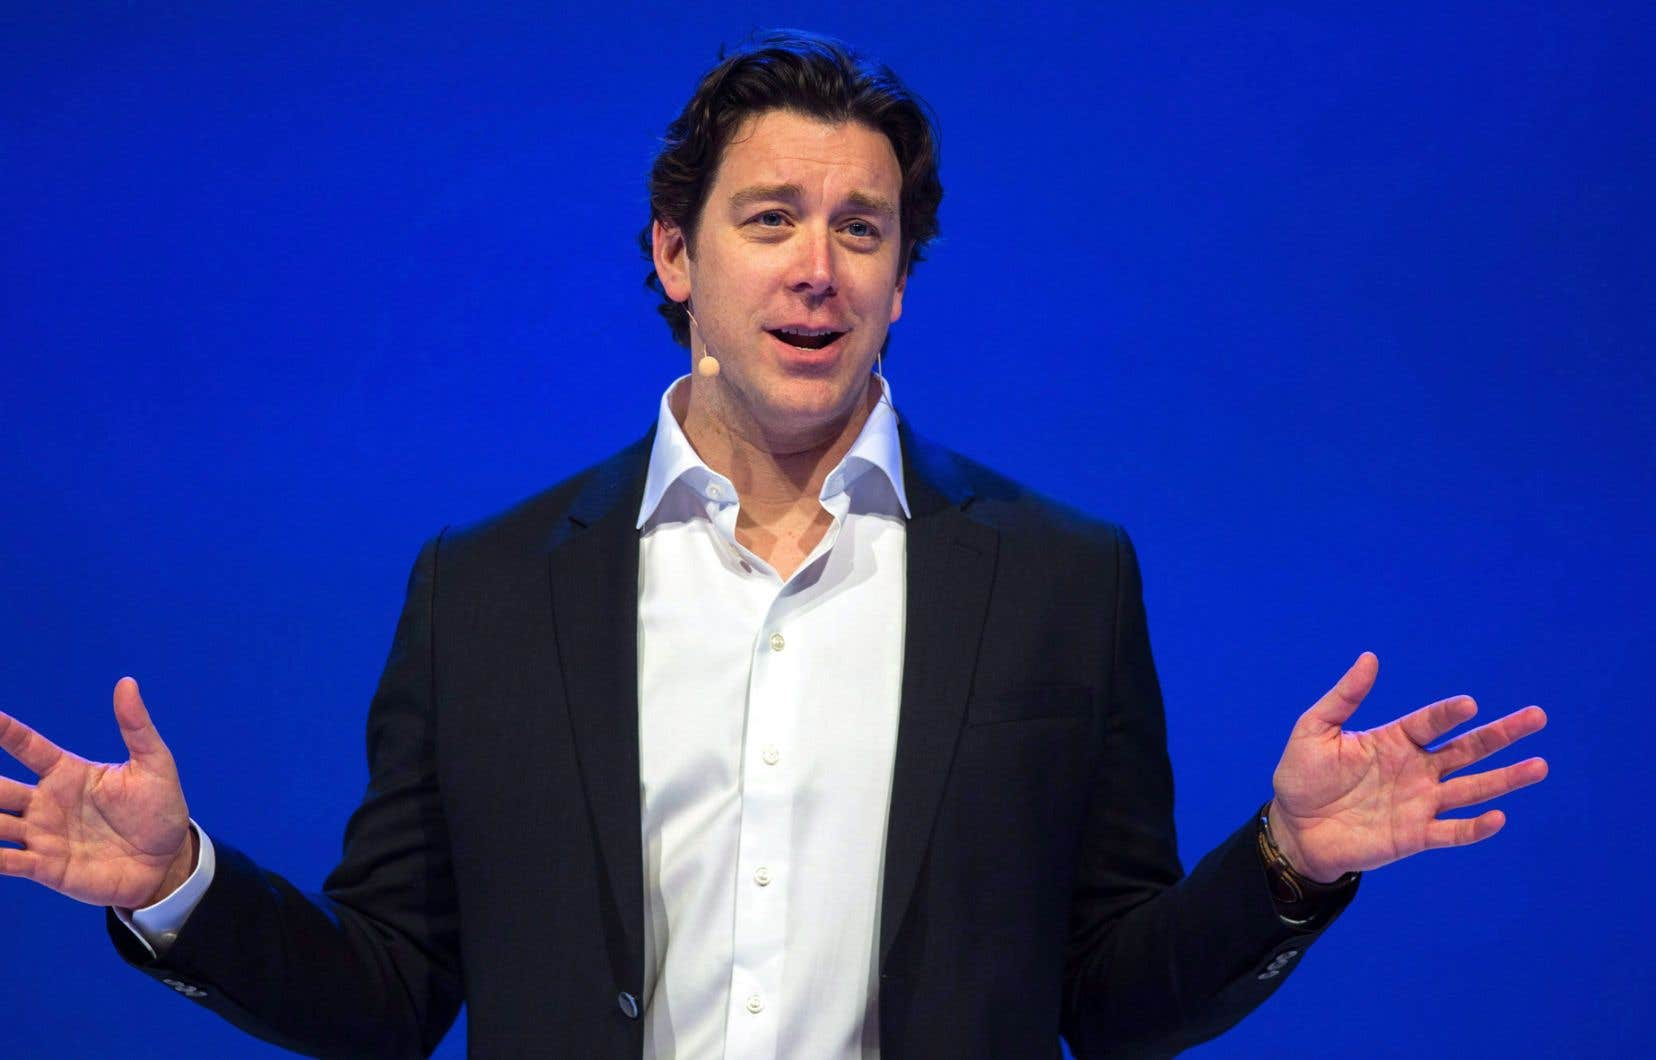 Le directeur général de Facebook Canada, Garrick Tiplady, a fait savoir que le laboratoire emménagera dans de nouveaux locaux en janvier prochain, situés dans le Mile-Ex.